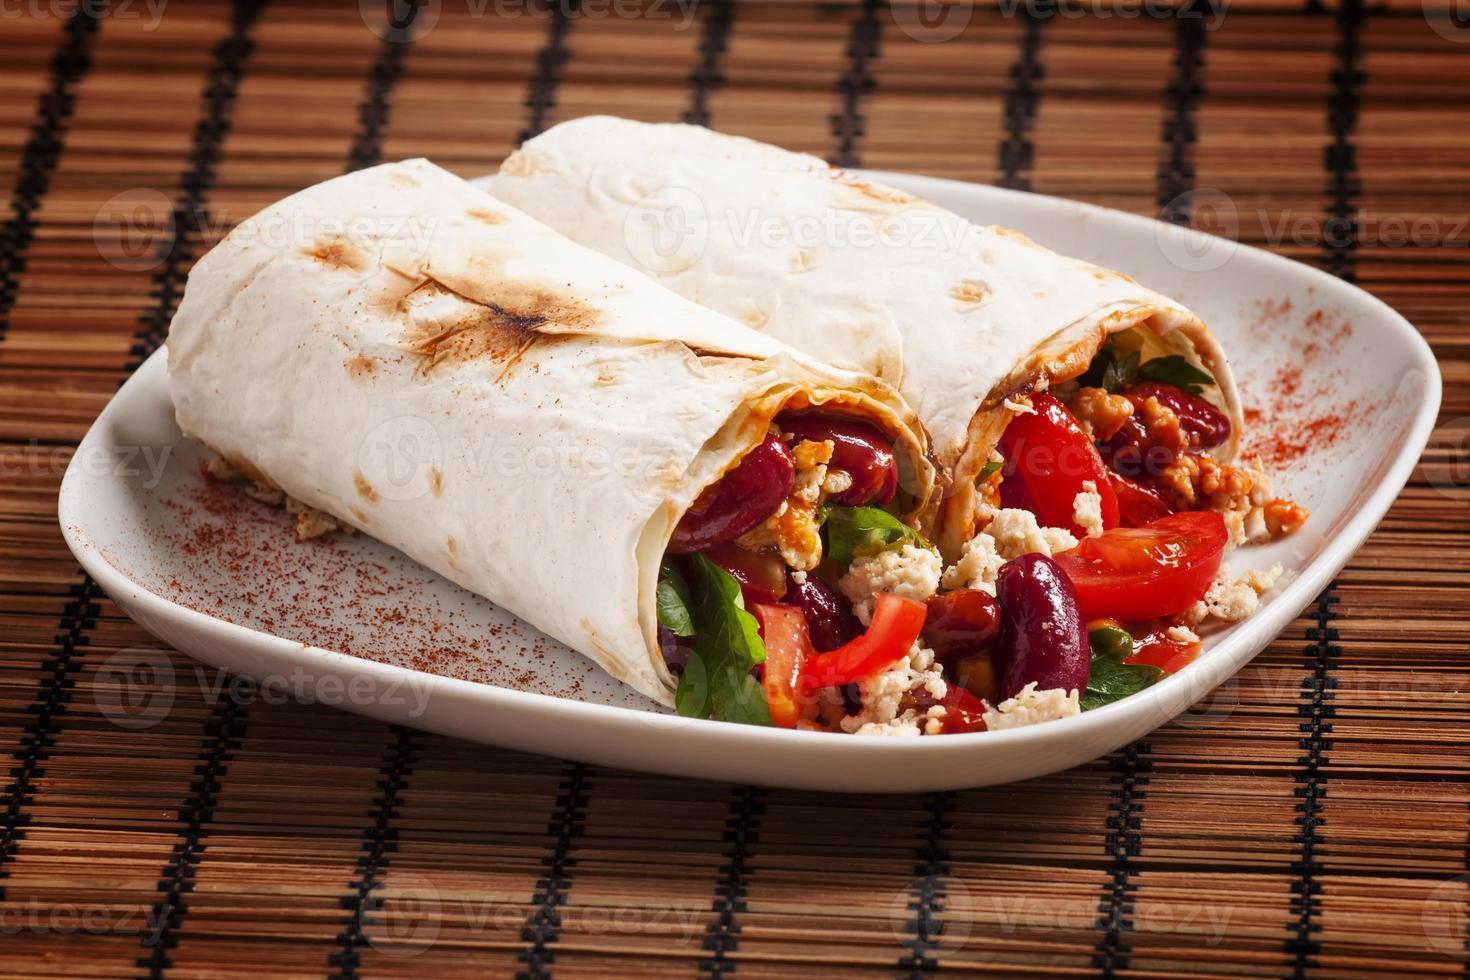 comida tradicional mexicana, burritos con carne y frijoles, selectiv foto